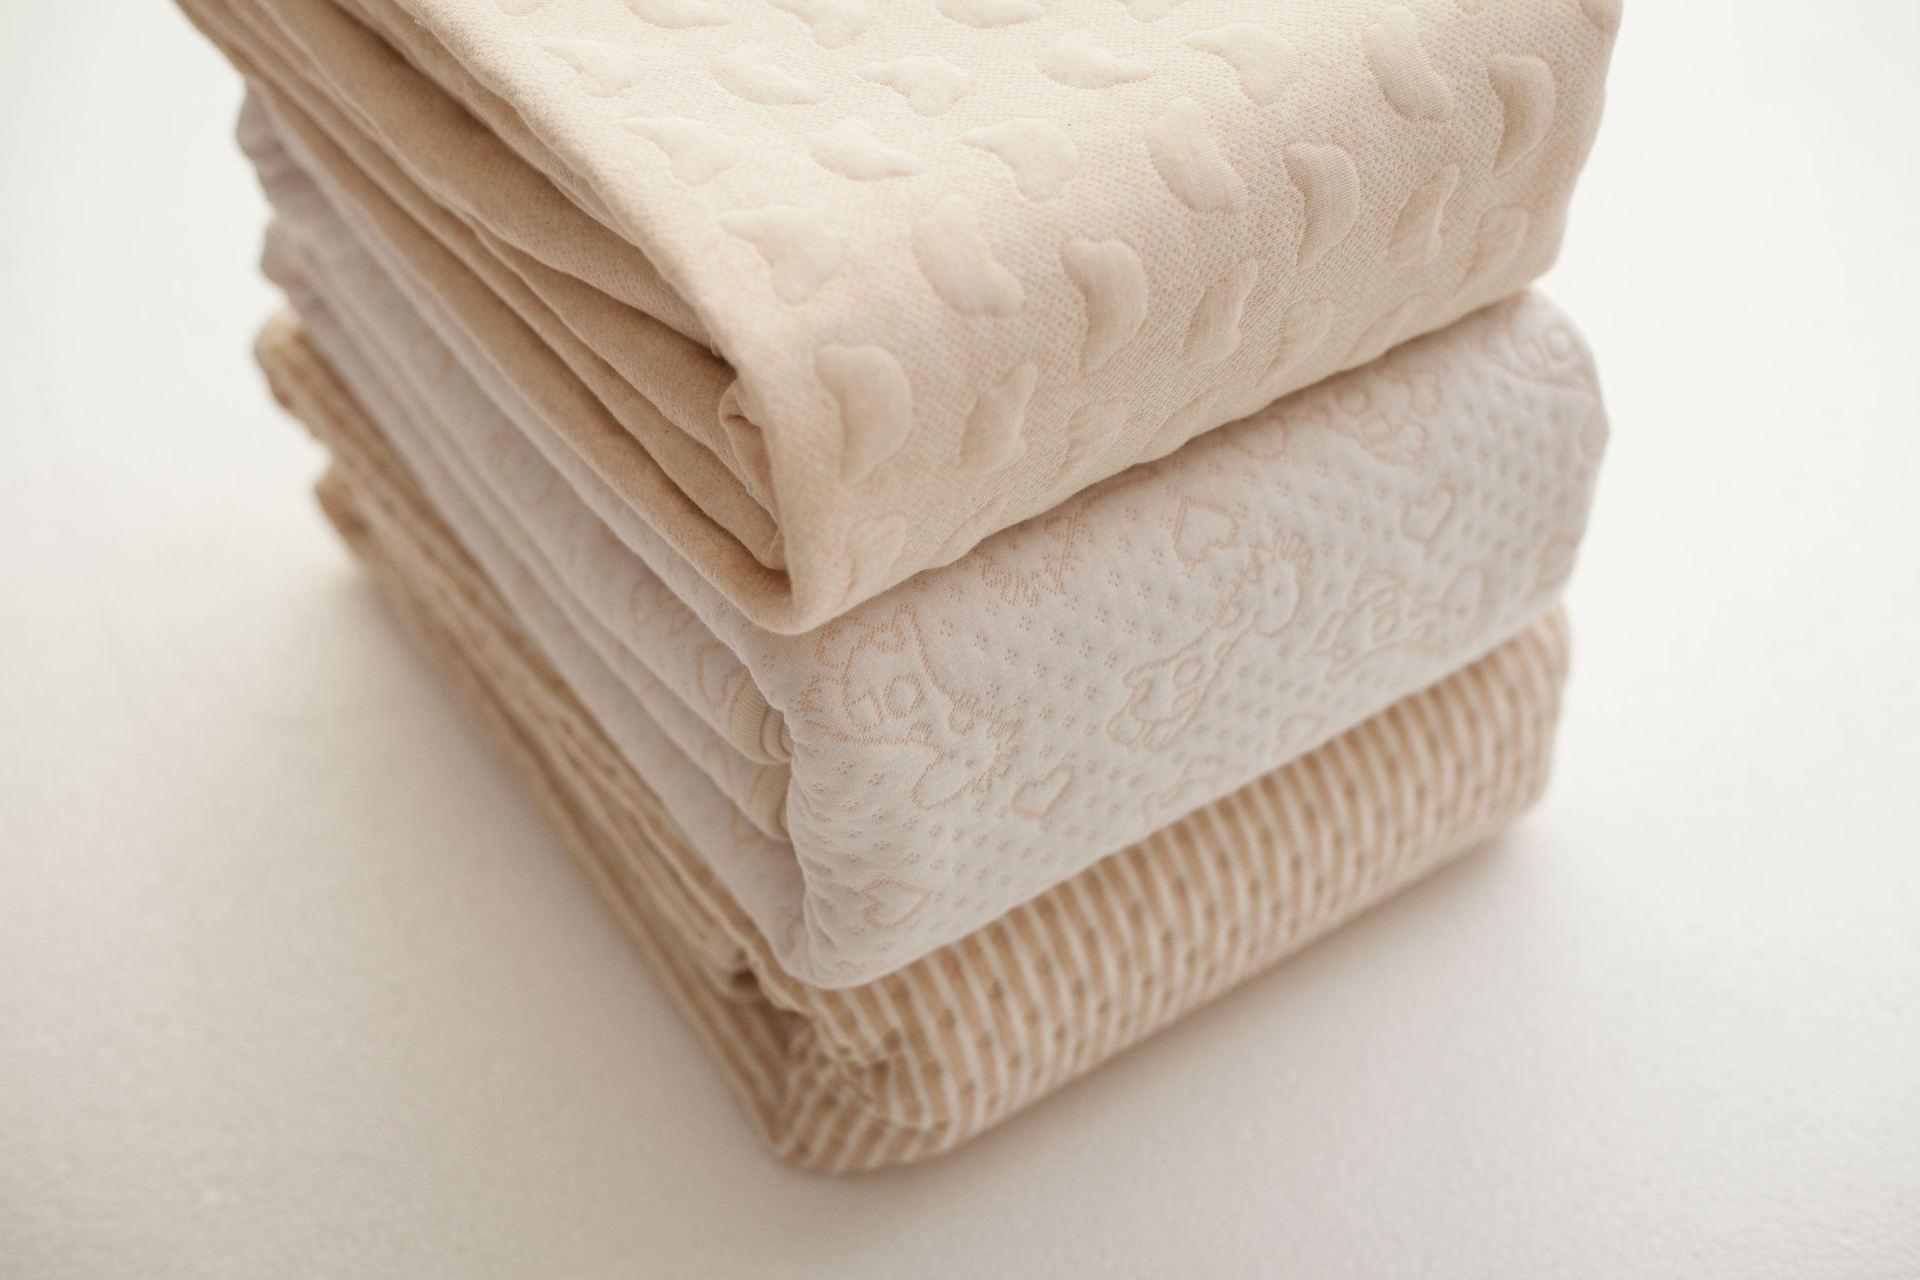 YISHUXIN Trang phục trong tháng (sau sinh) Tấm cách nhiệt cotton hữu cơ Chất liệu cotton nguyên chất